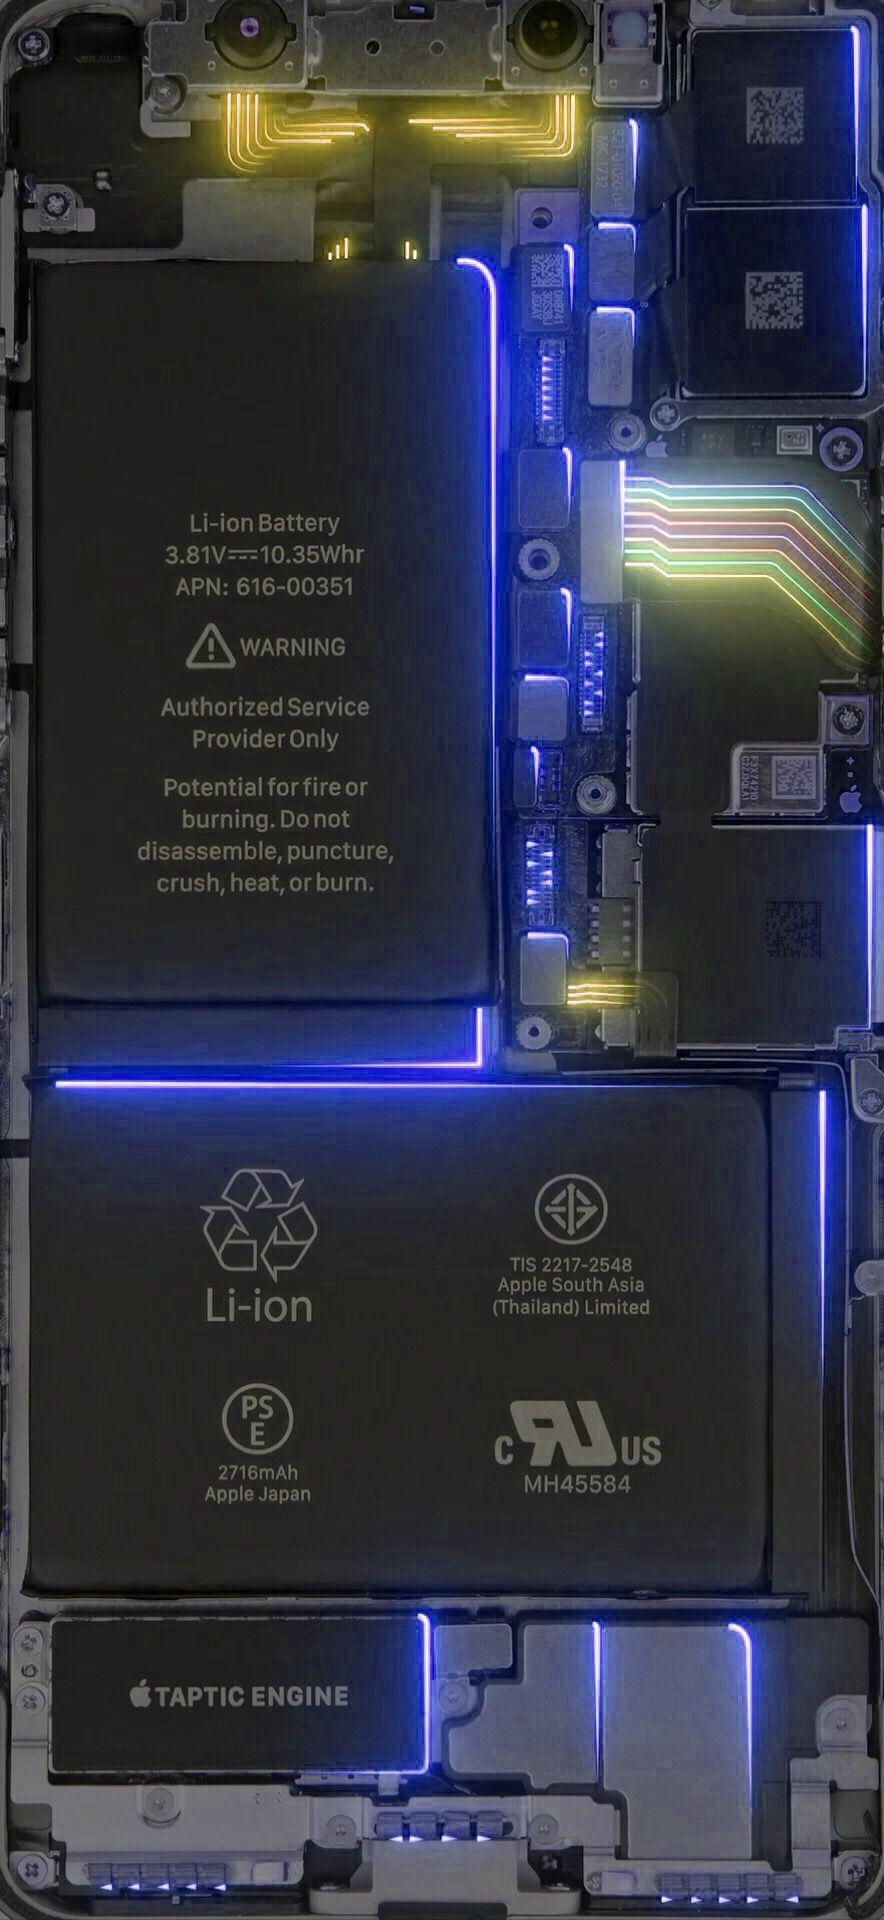 Pin Oleh Aic Di Iphone Ipad Wallpapers Wallpaper Ponsel Teknologi Karya Seni 3d 3d broken cellphone wallpaper images gambar